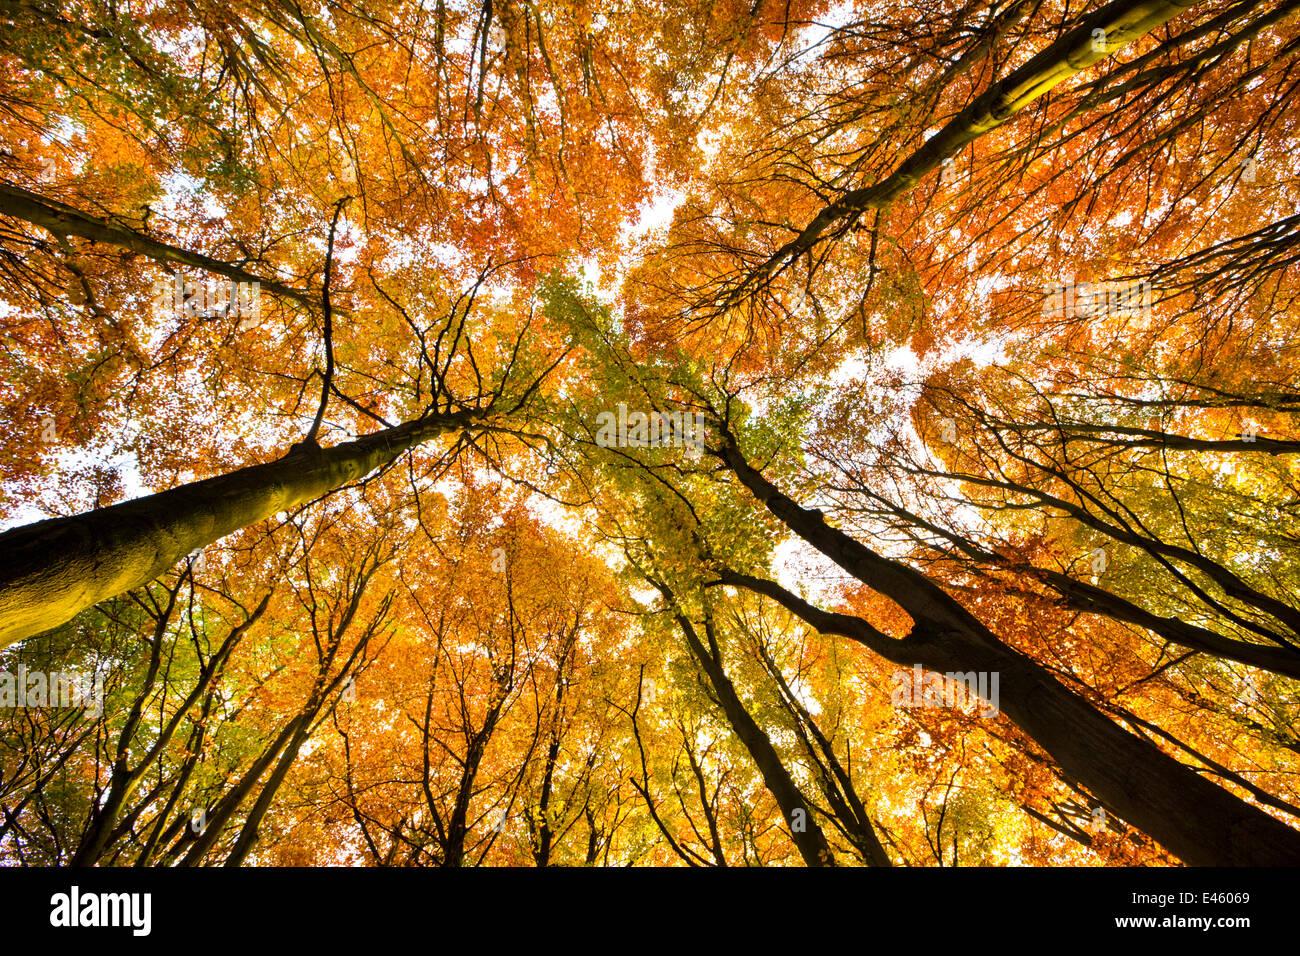 Mirando el dosel de madera de haya (Fagus sylvatica) en otoño, Peak District National Park, Derbyshire, Reino Imagen De Stock